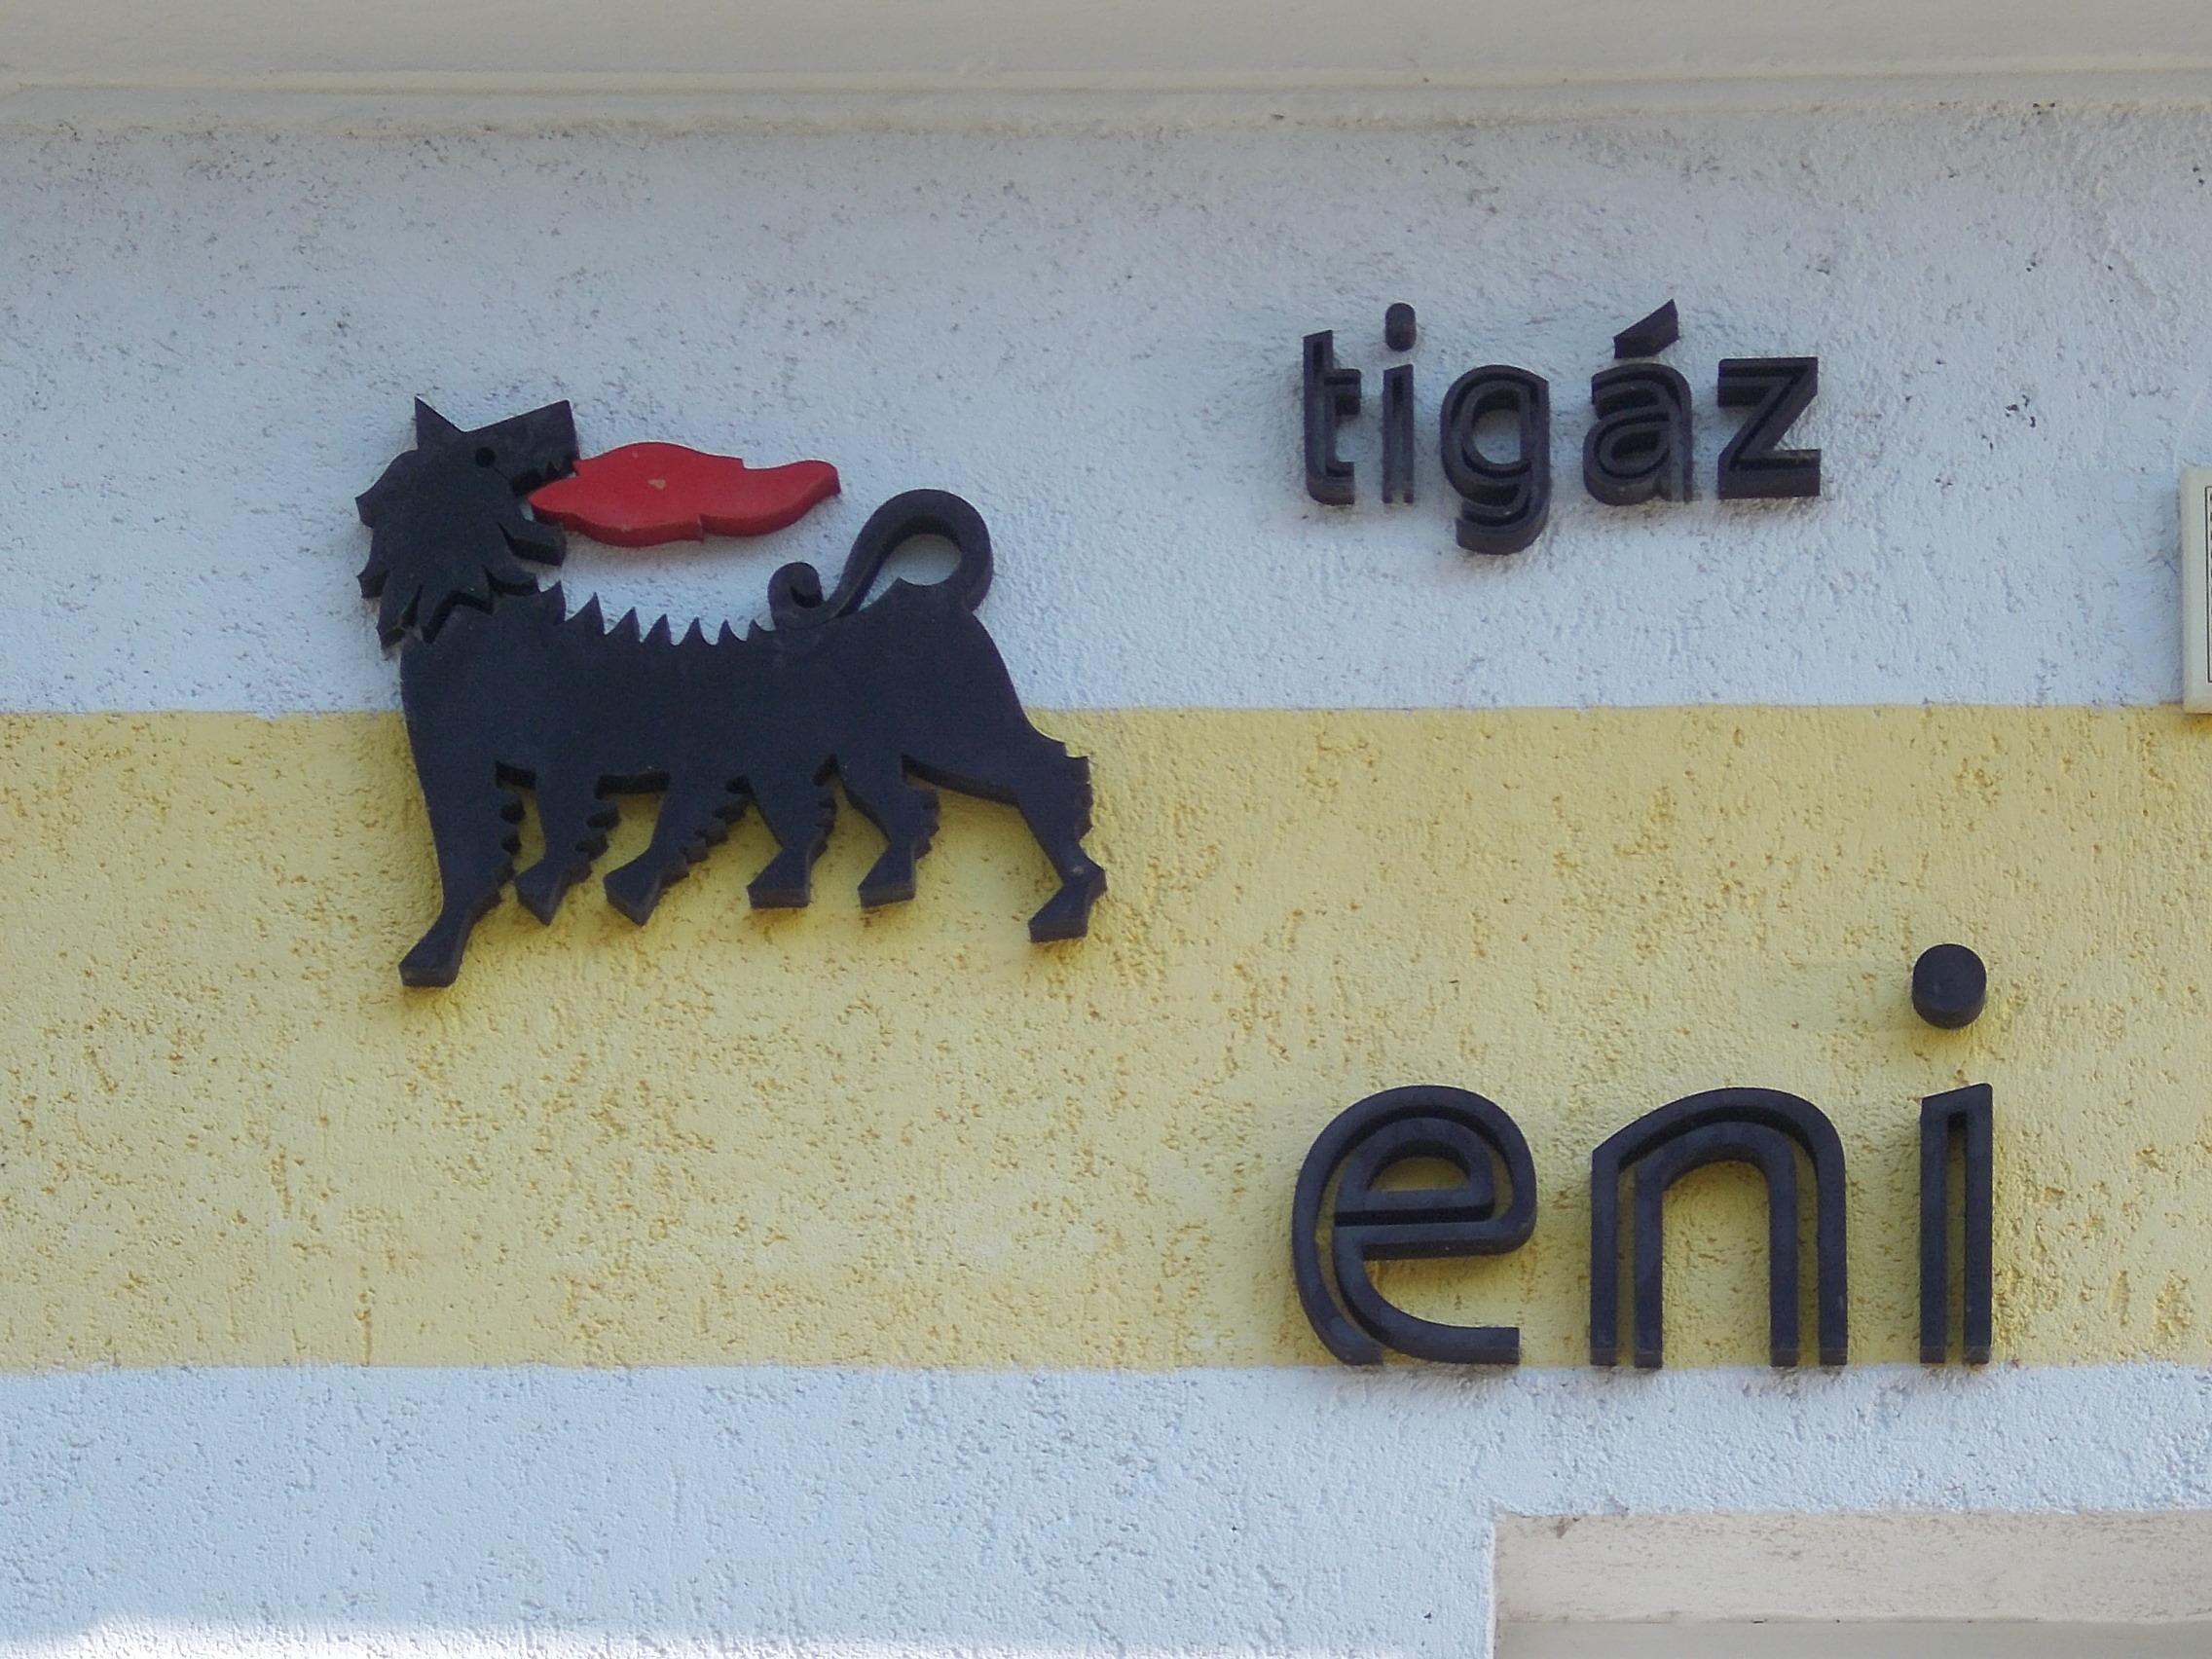 Stazione ENI in Ungheria/Globetrotter19/Wikipedia